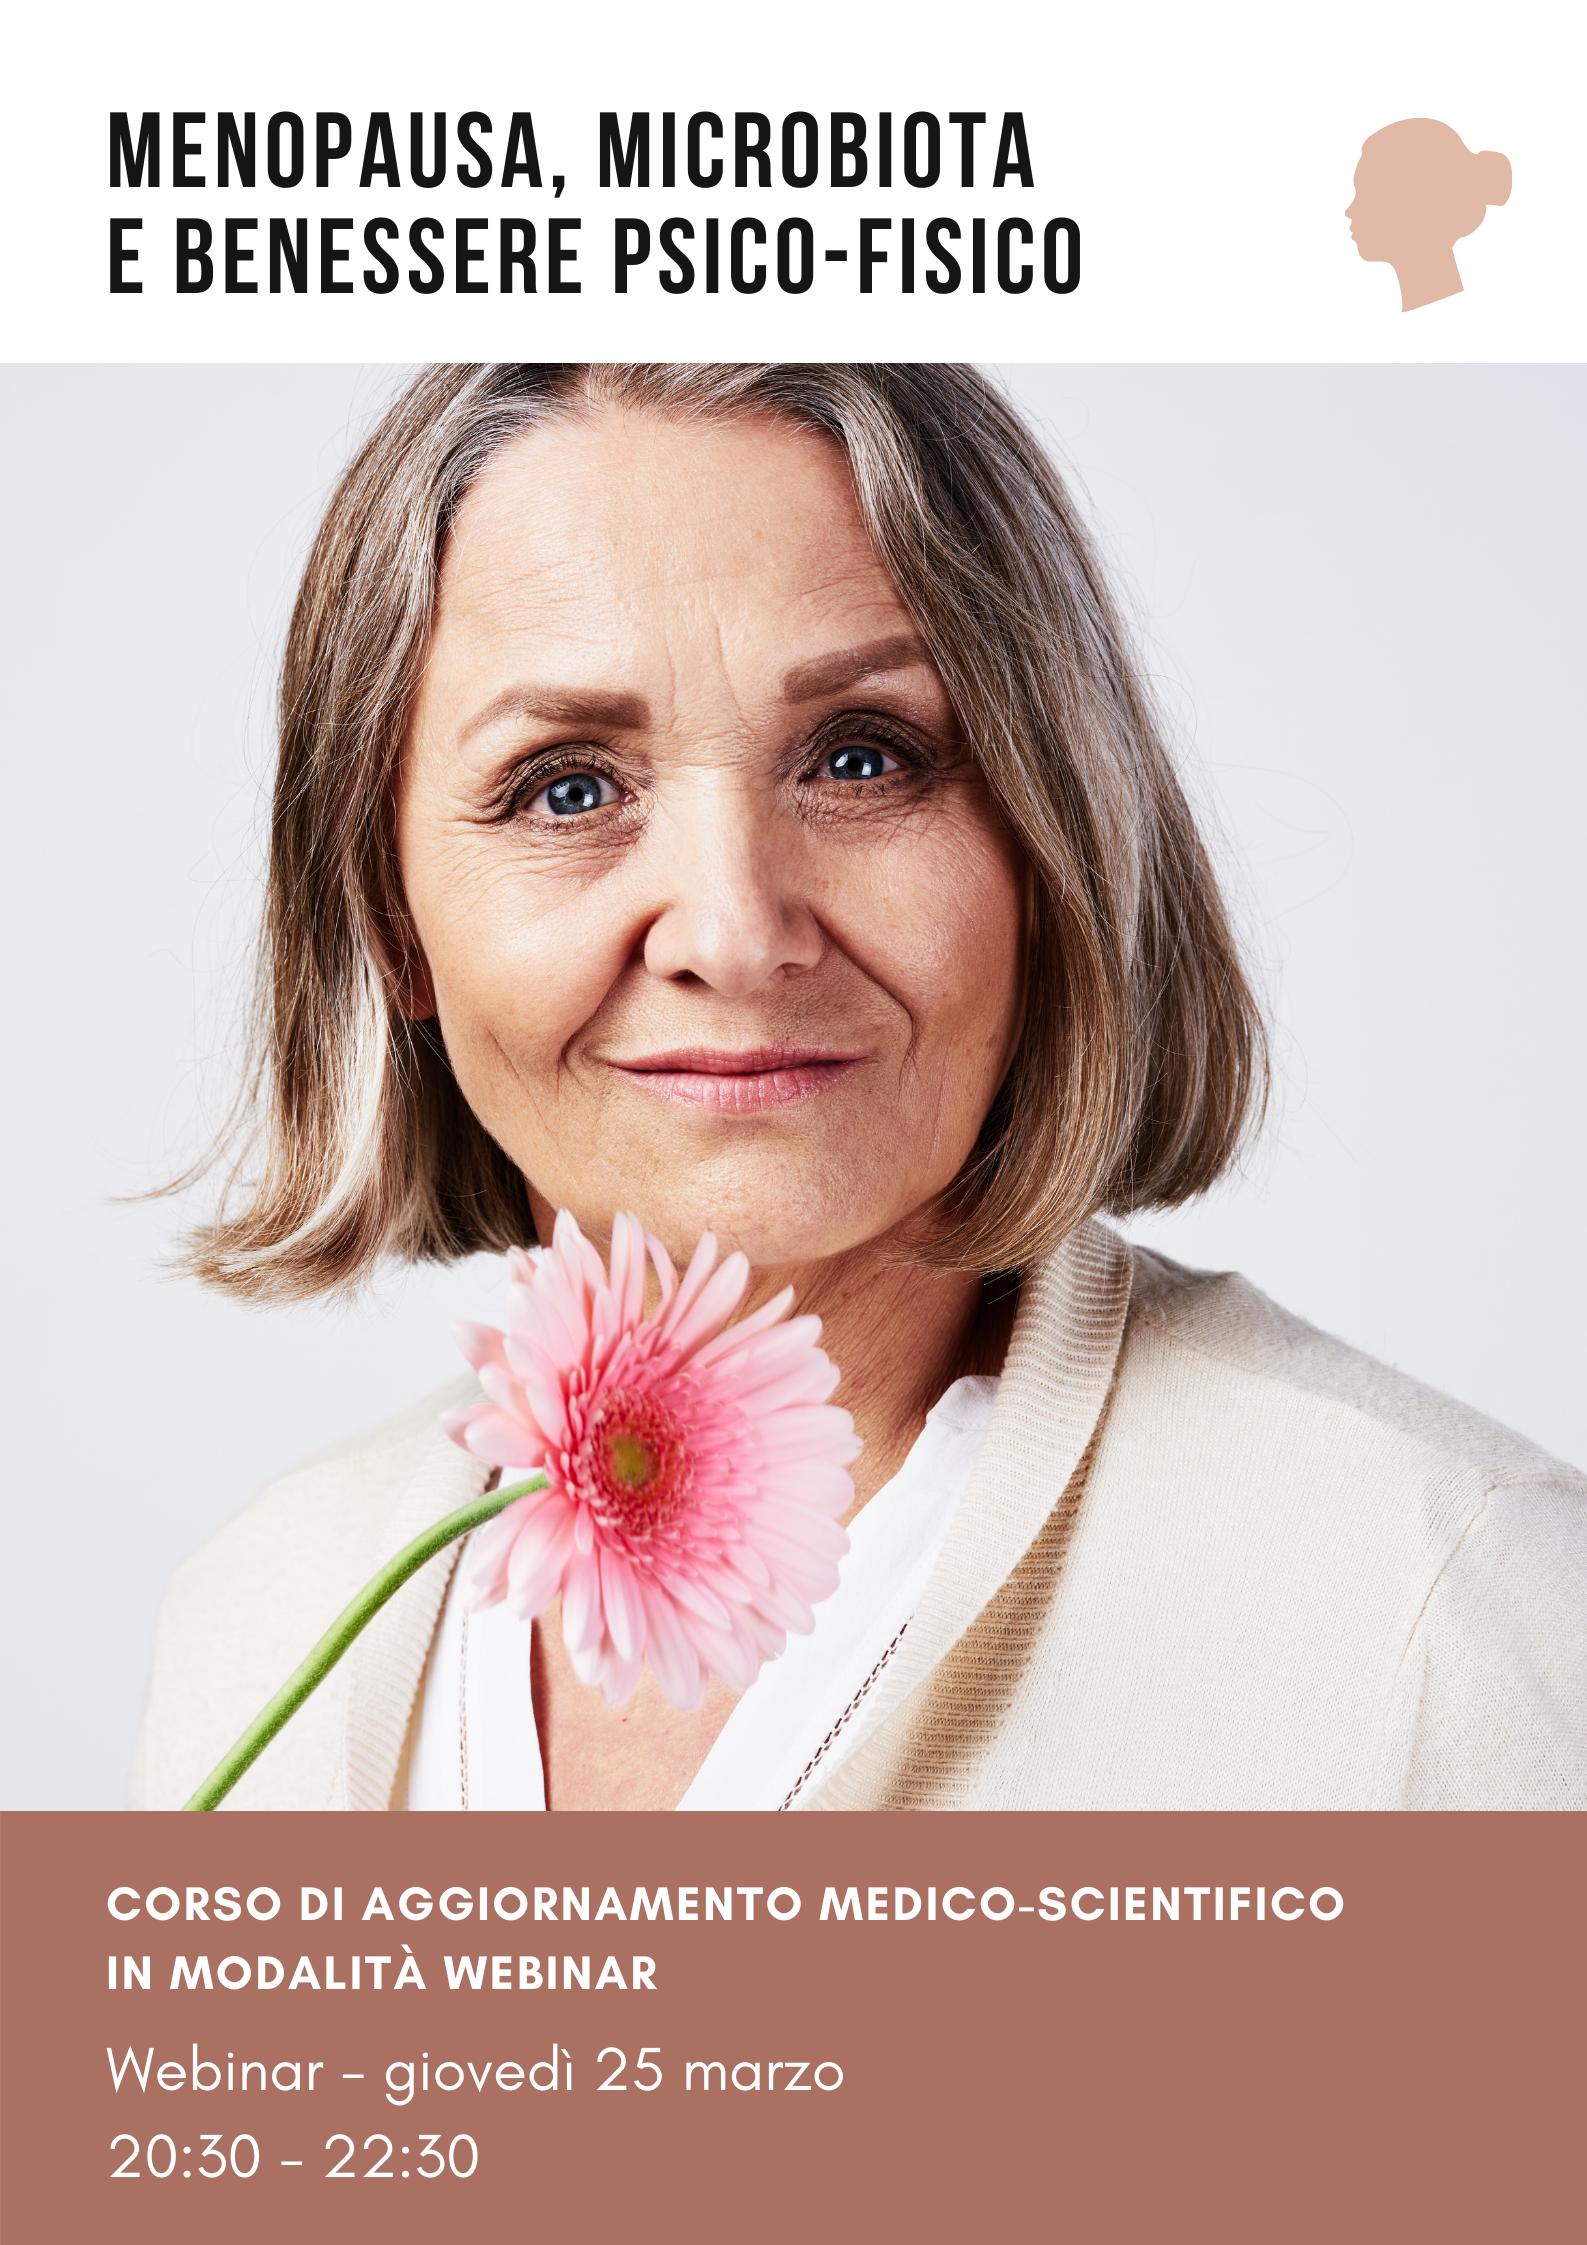 Menopausa, microbiota e benessere psico-fisico